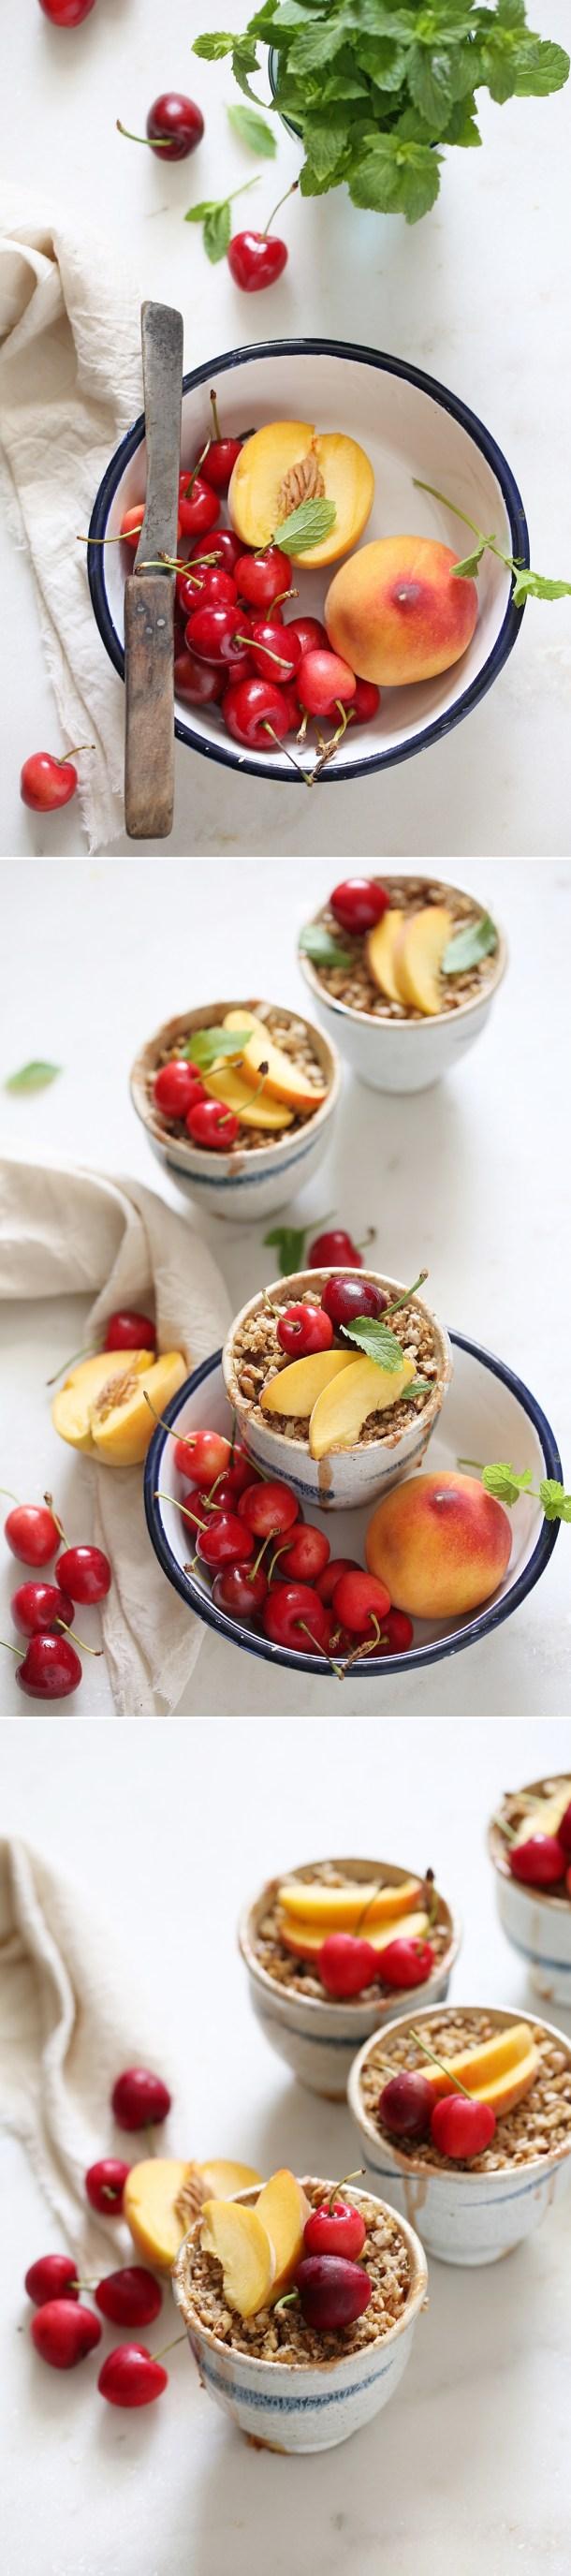 Peach-Cherry-Quinoa-Crumbles-2 GF Peach Cherry Quinoa Crumbles ... that's how my quinoa crumbled #wholefoods #baking #quinoa